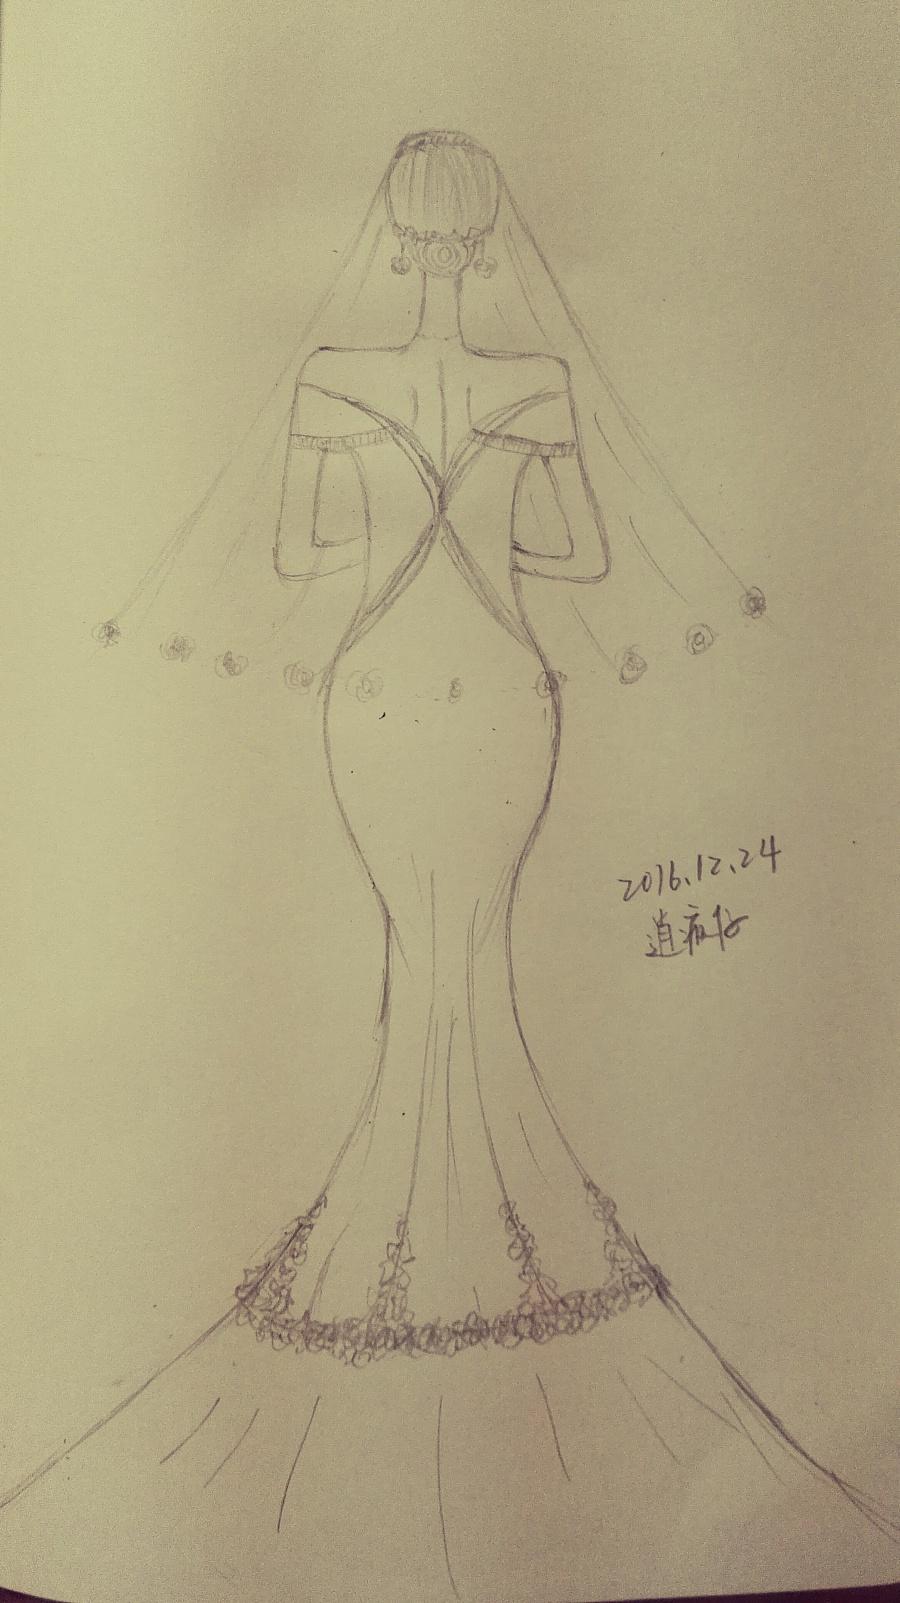 婚纱手绘模仿|绘画习作|插画|逍疯仔 - 原创设计作品